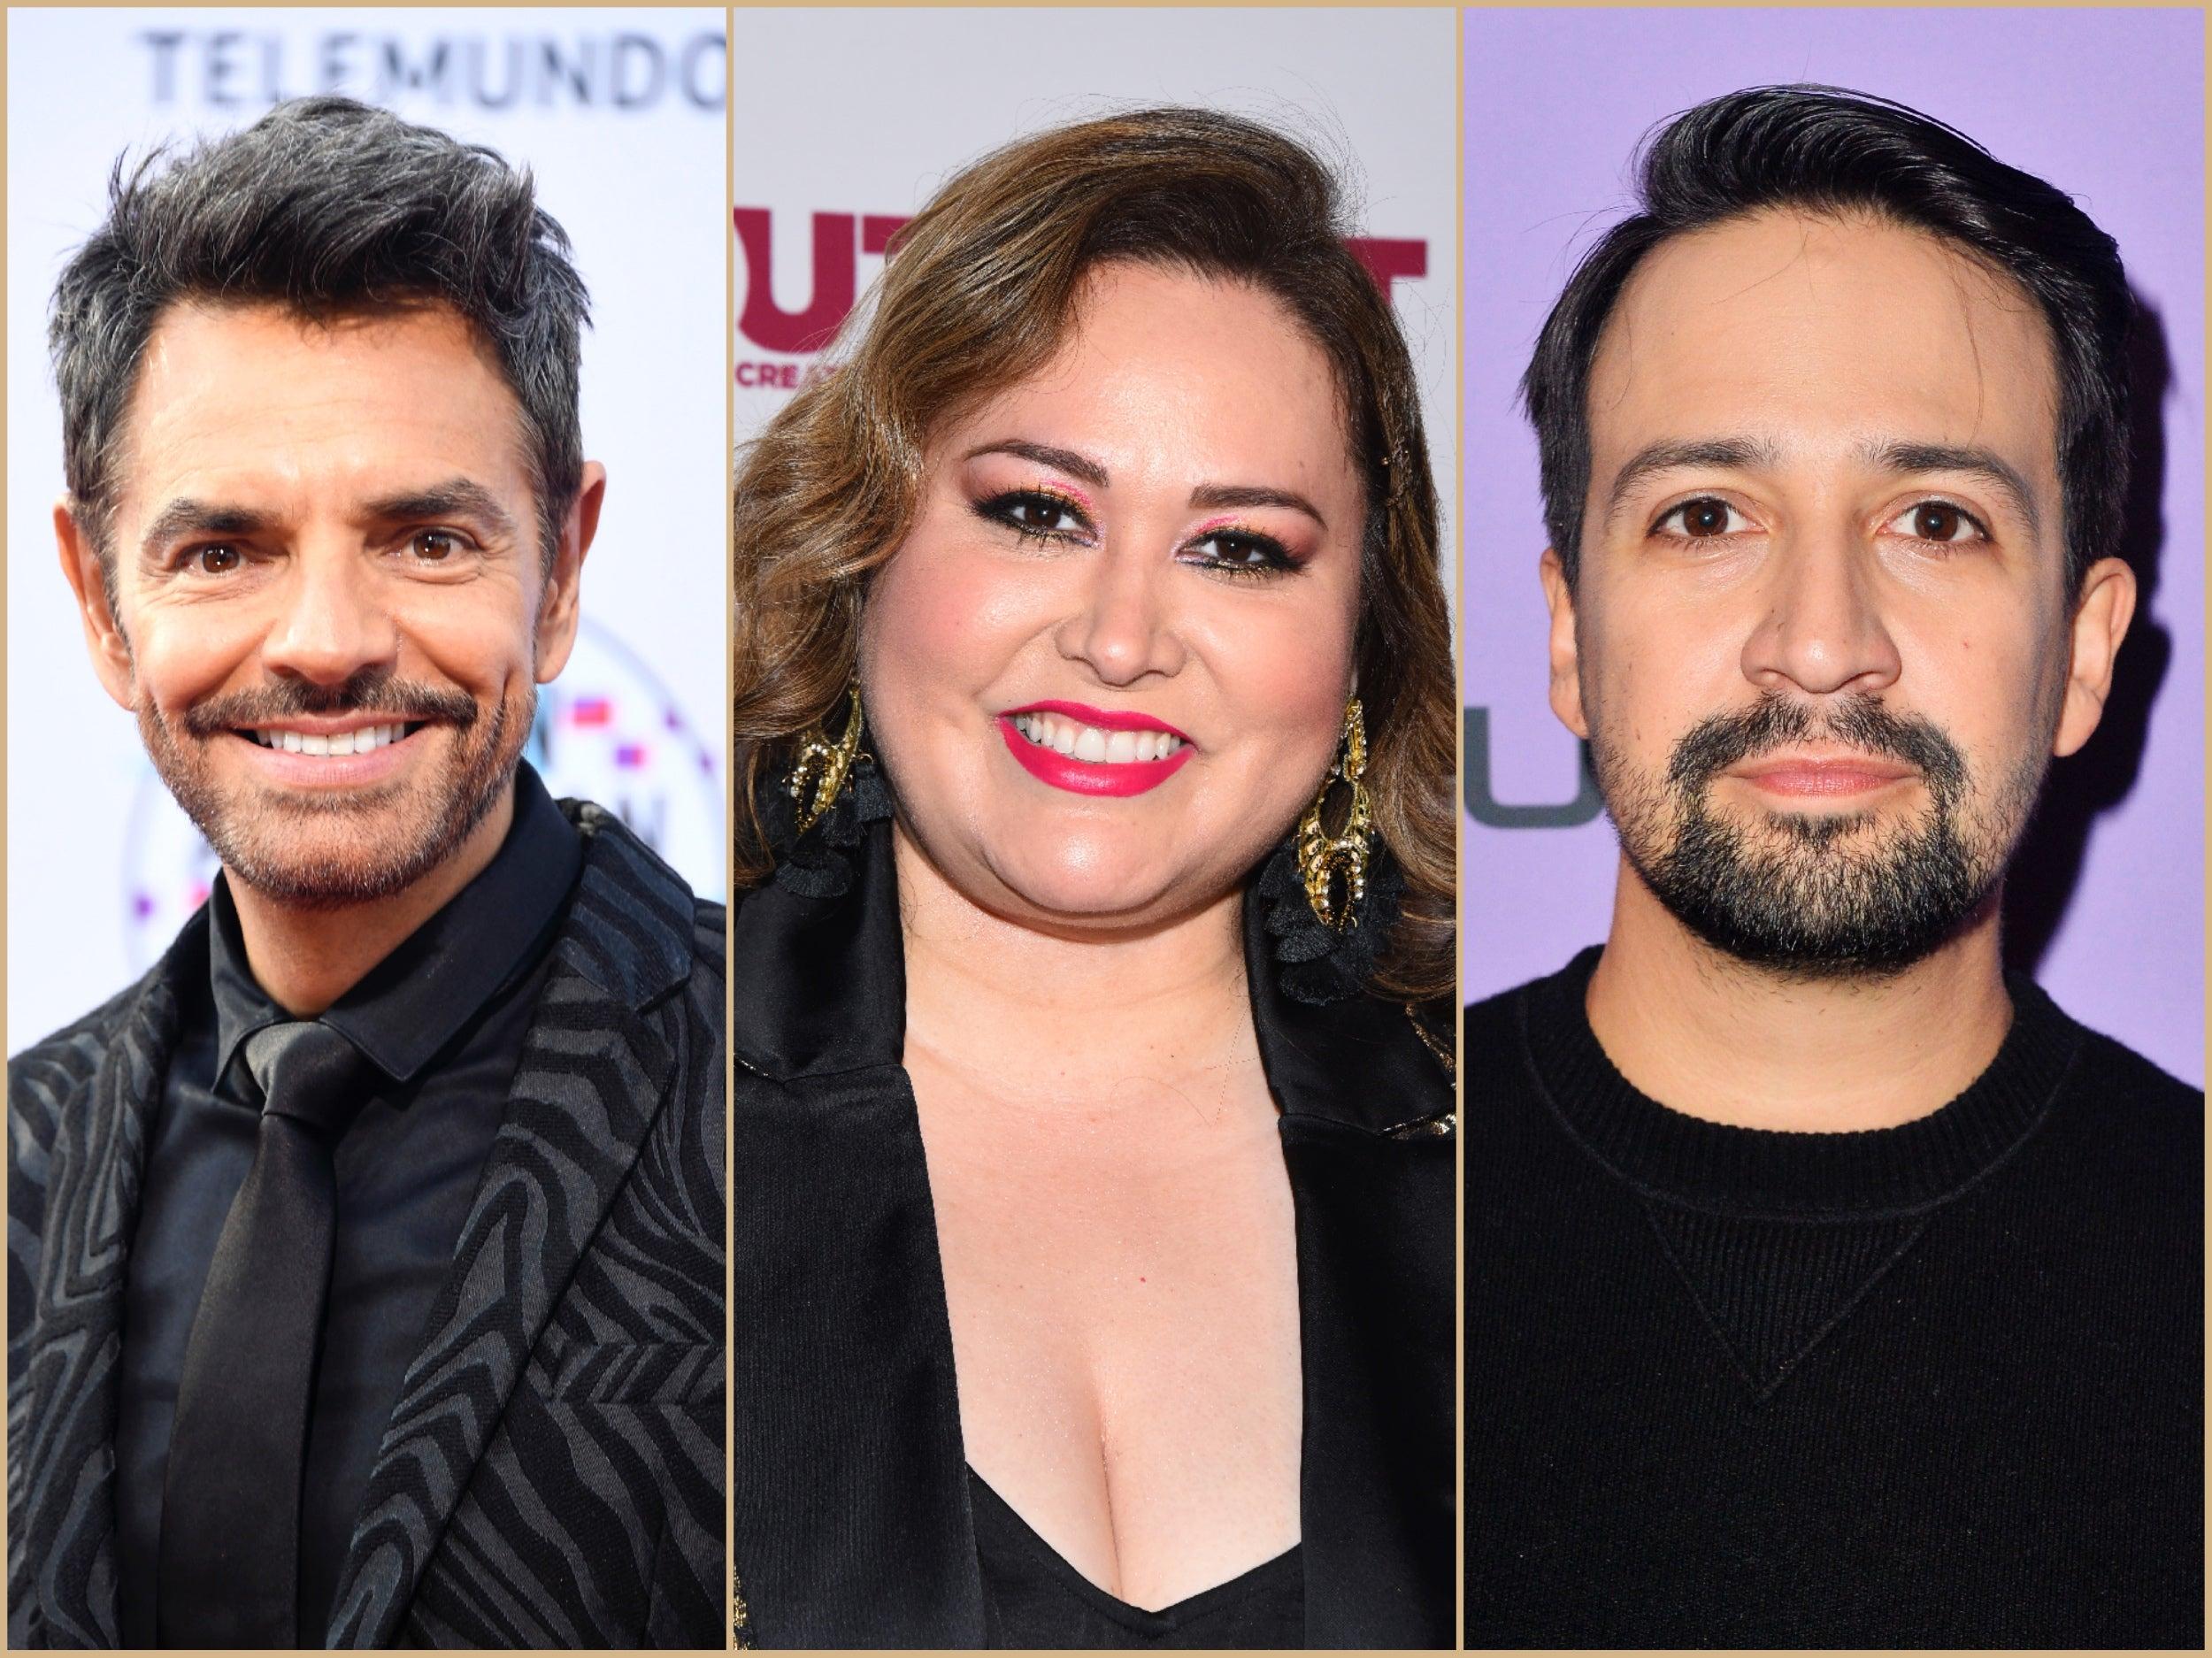 Eugenio Derbez, Tanya Saracho and Lin-Manuel Miranda